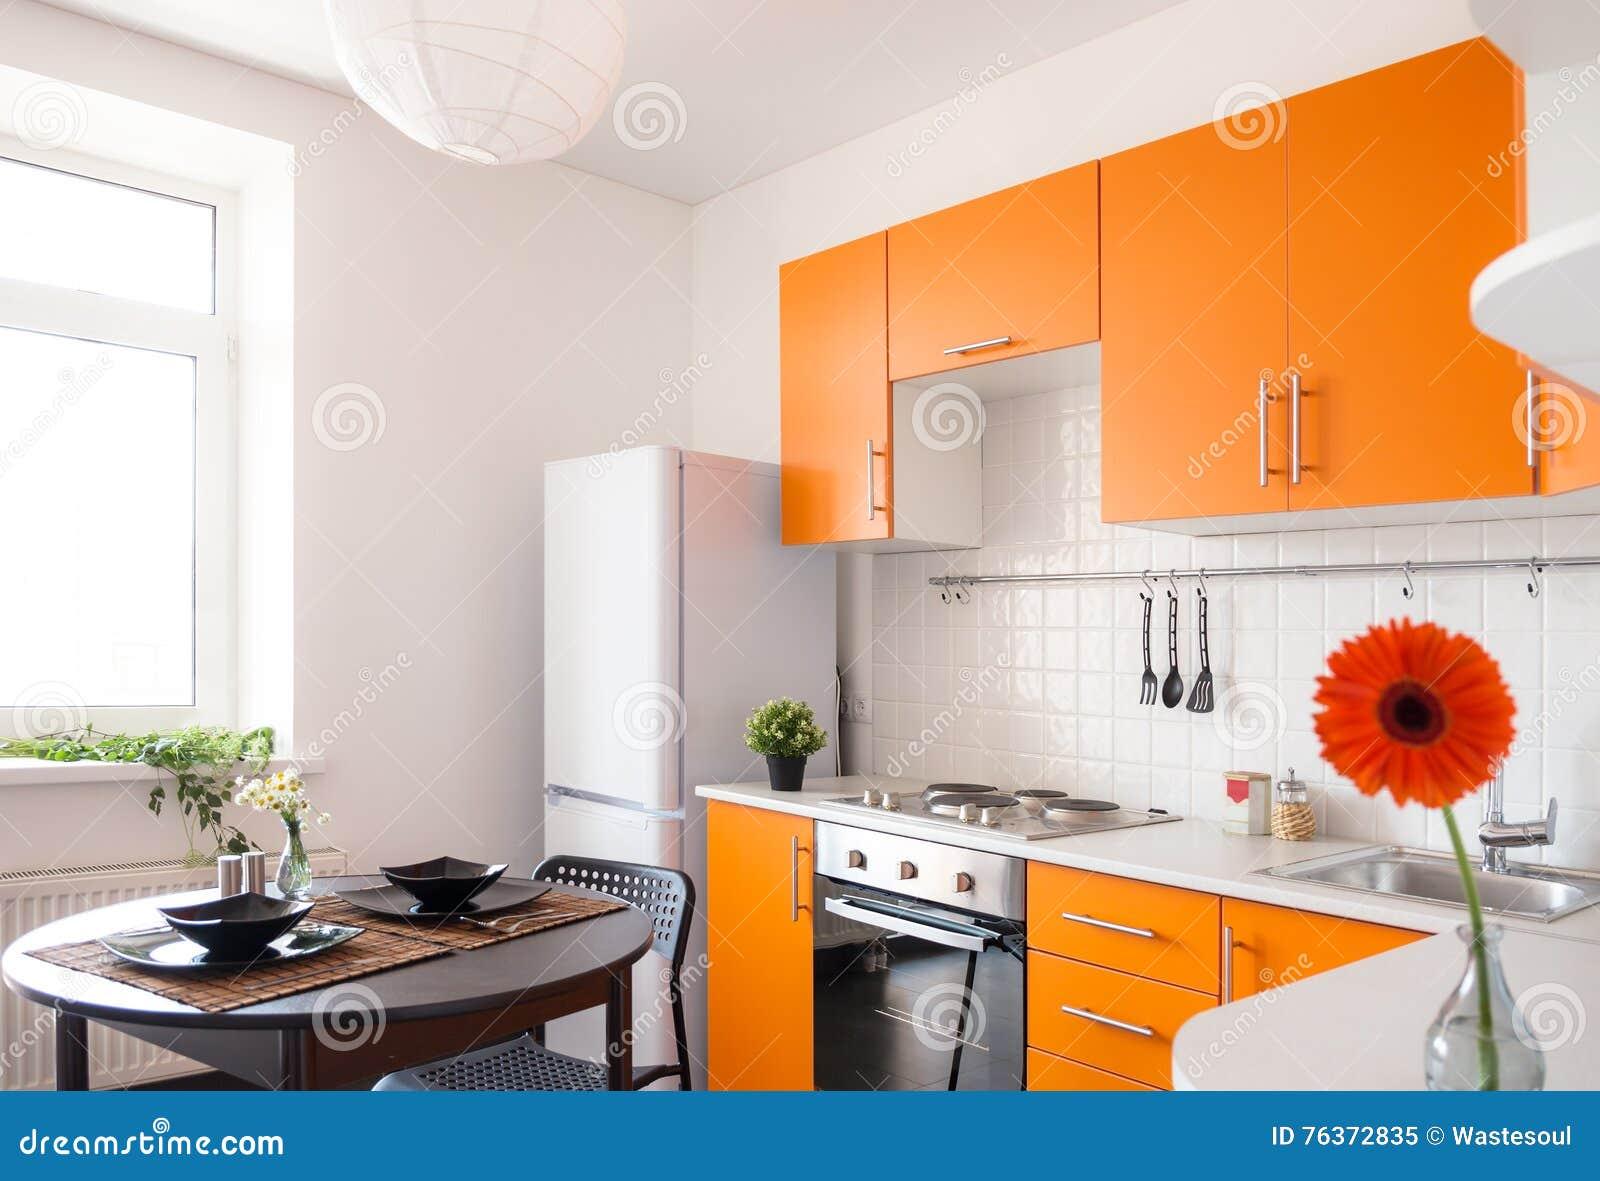 Cuisine Contemporaine Avec Les Meubles Oranges